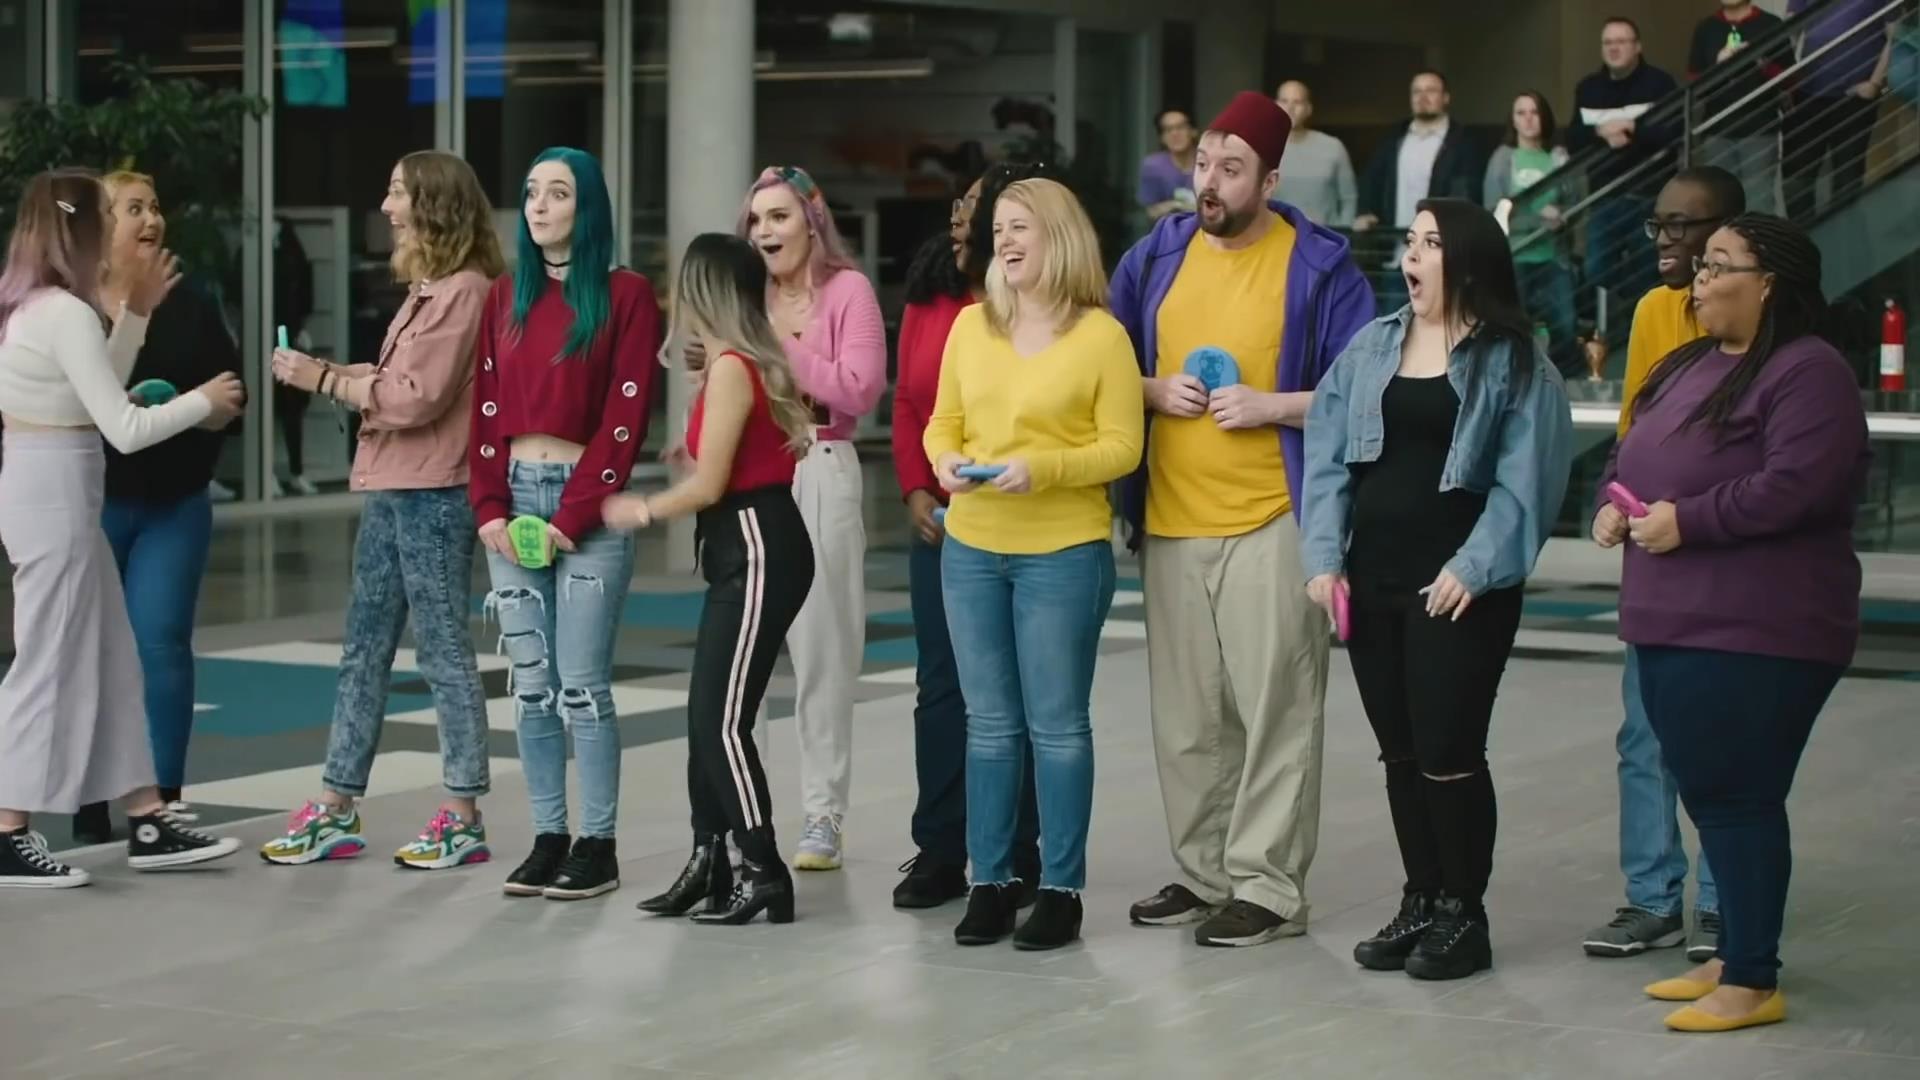 《模拟人生Spark'd》真人秀7月17日播出 角逐10万美元奖金